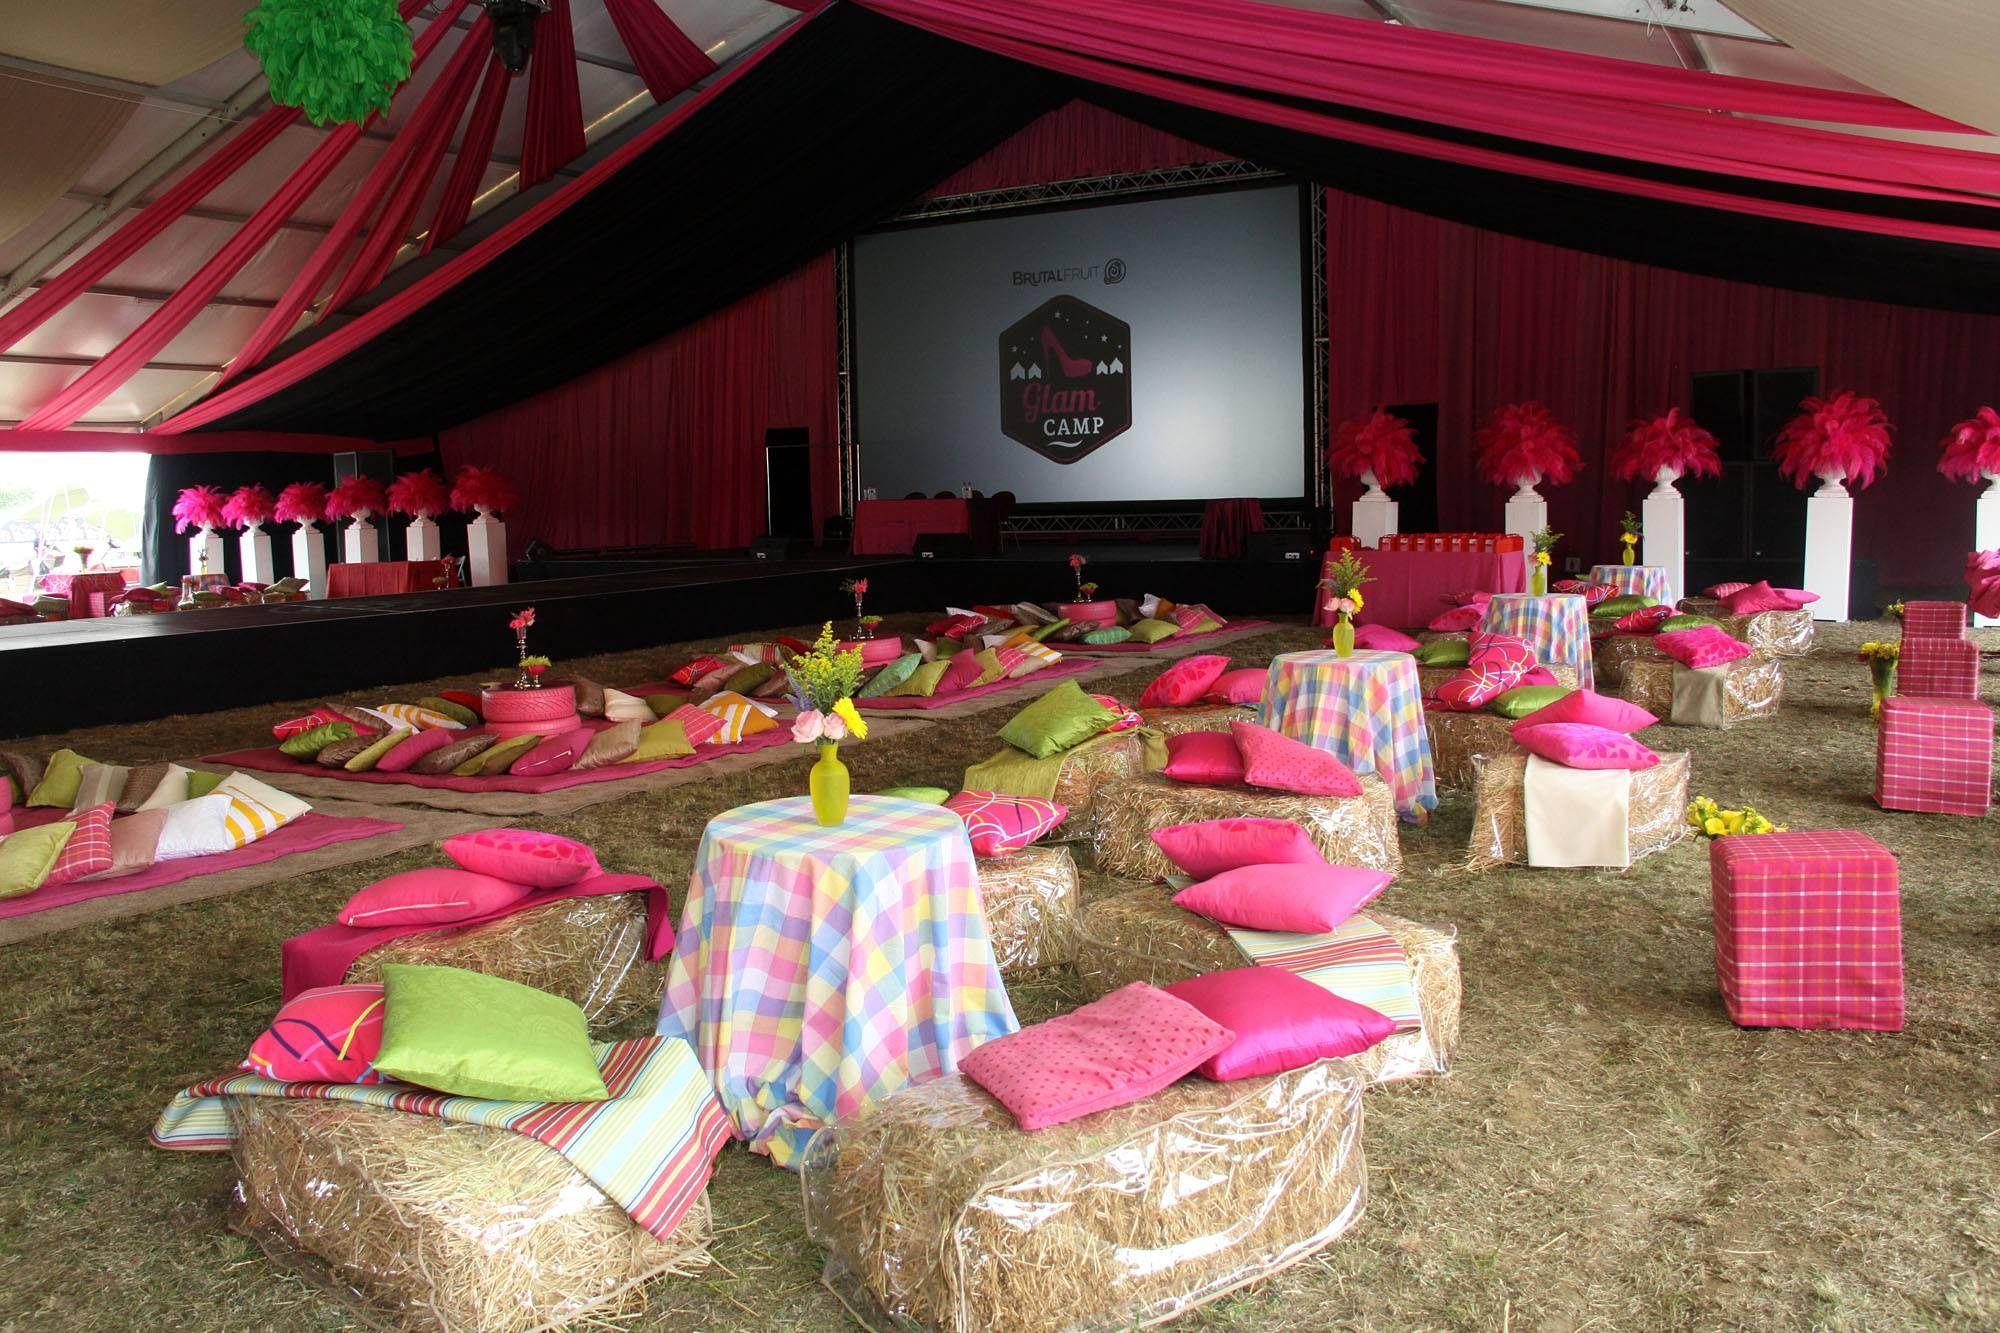 brutal fruit glam camp u2013 a weekend to remember sydney u0027s glam